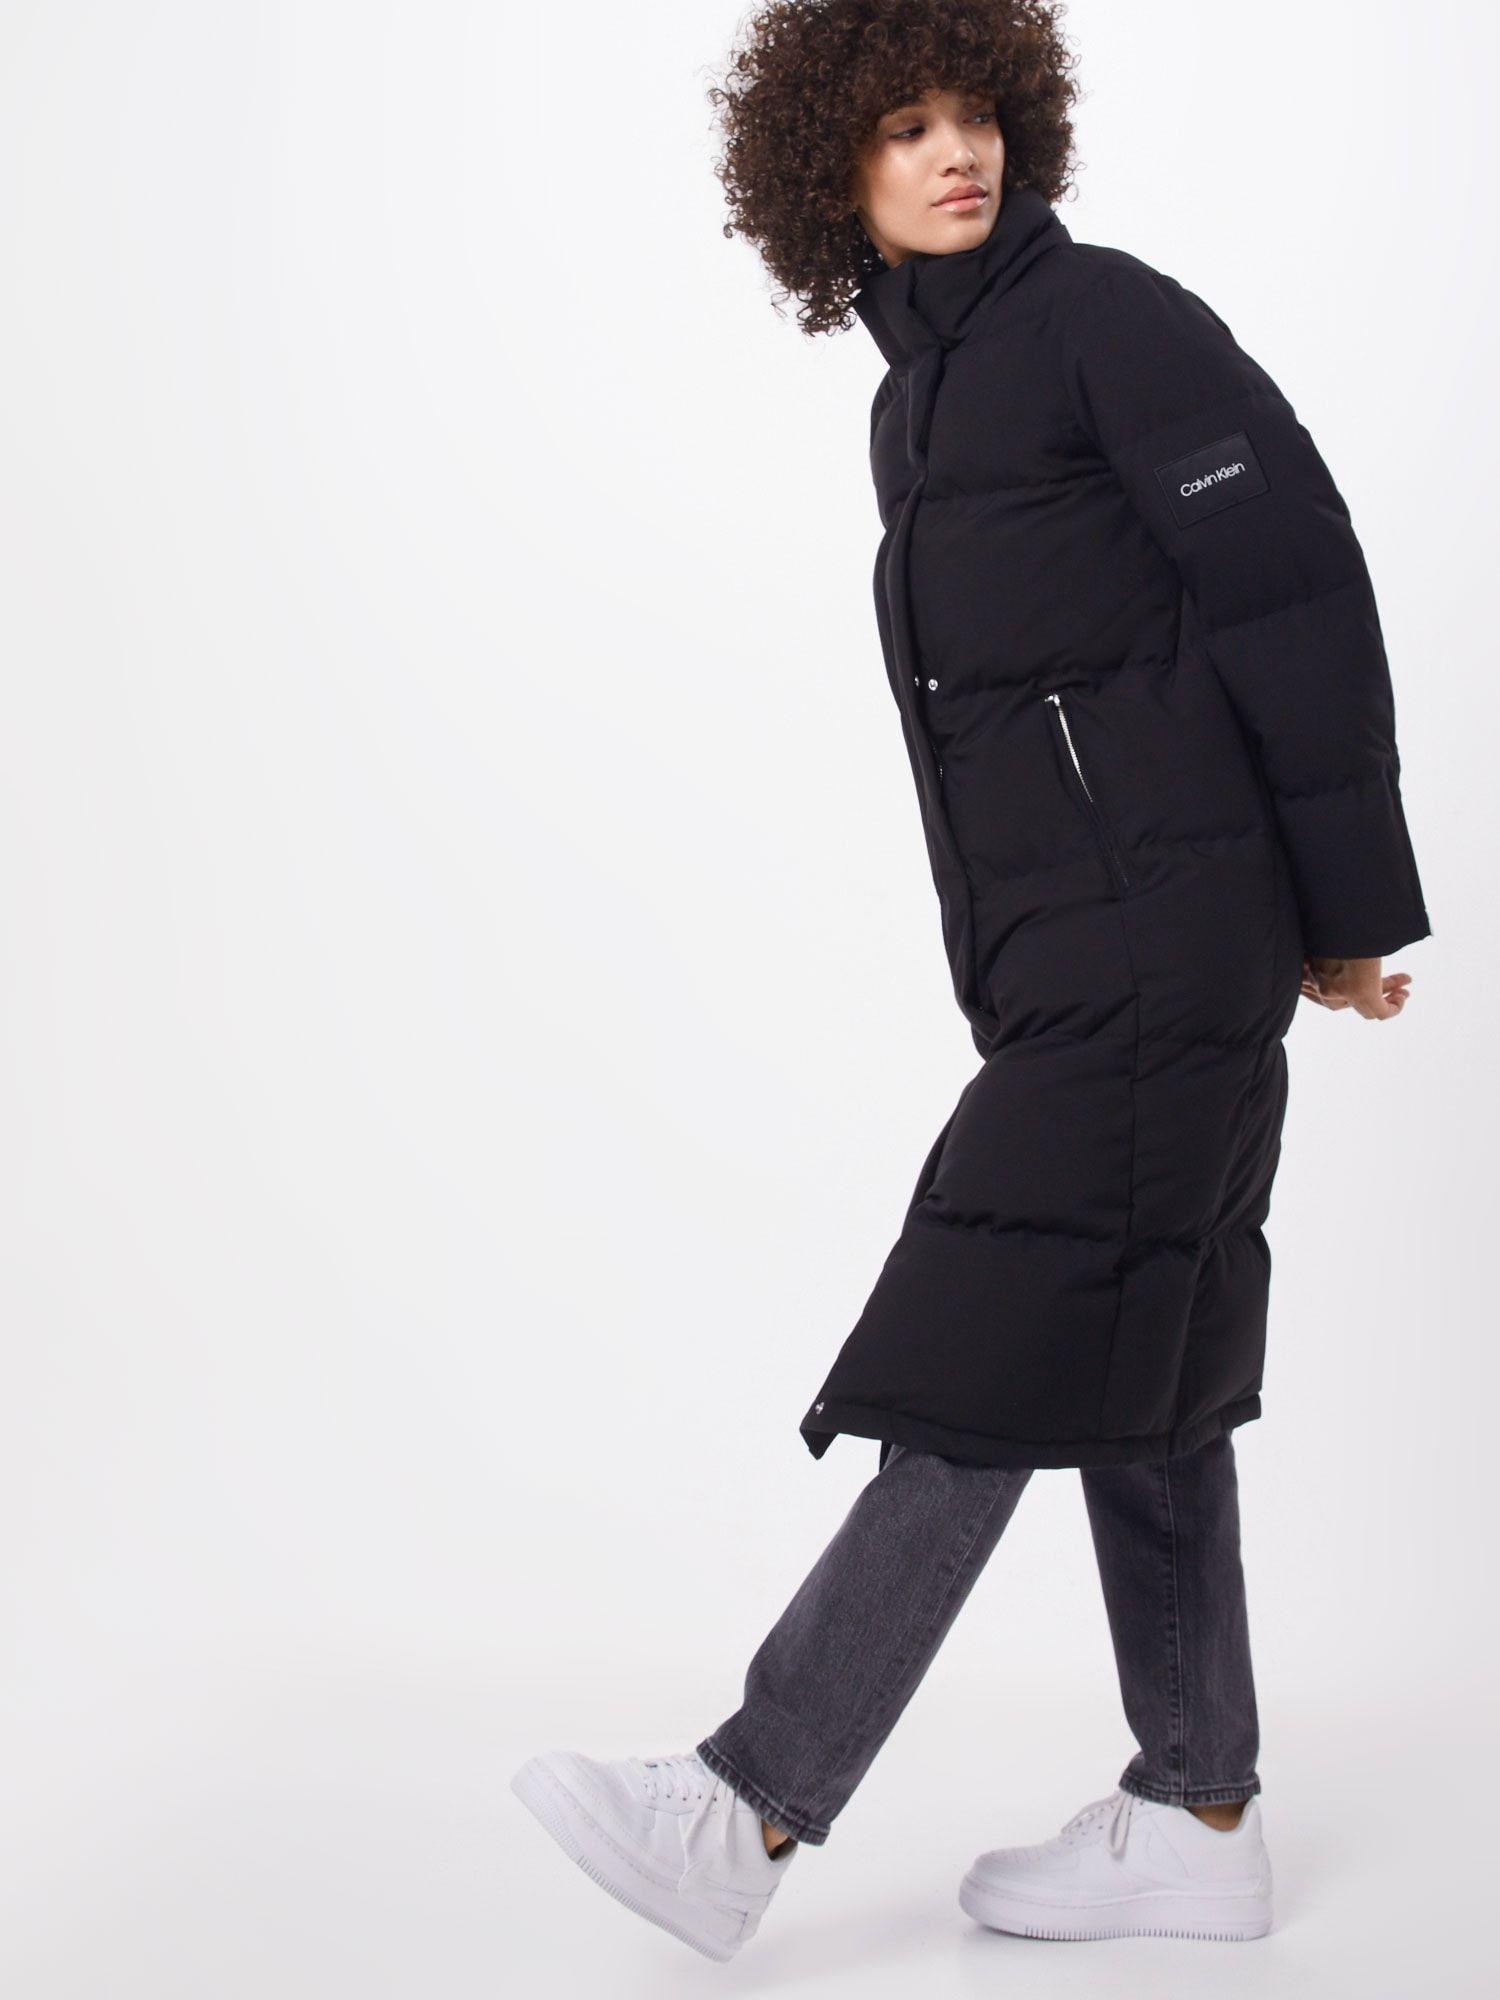 Calvin Klein Mantel Damen Schwarz Grosse Xl Mantel Damen Mantel Und Damen